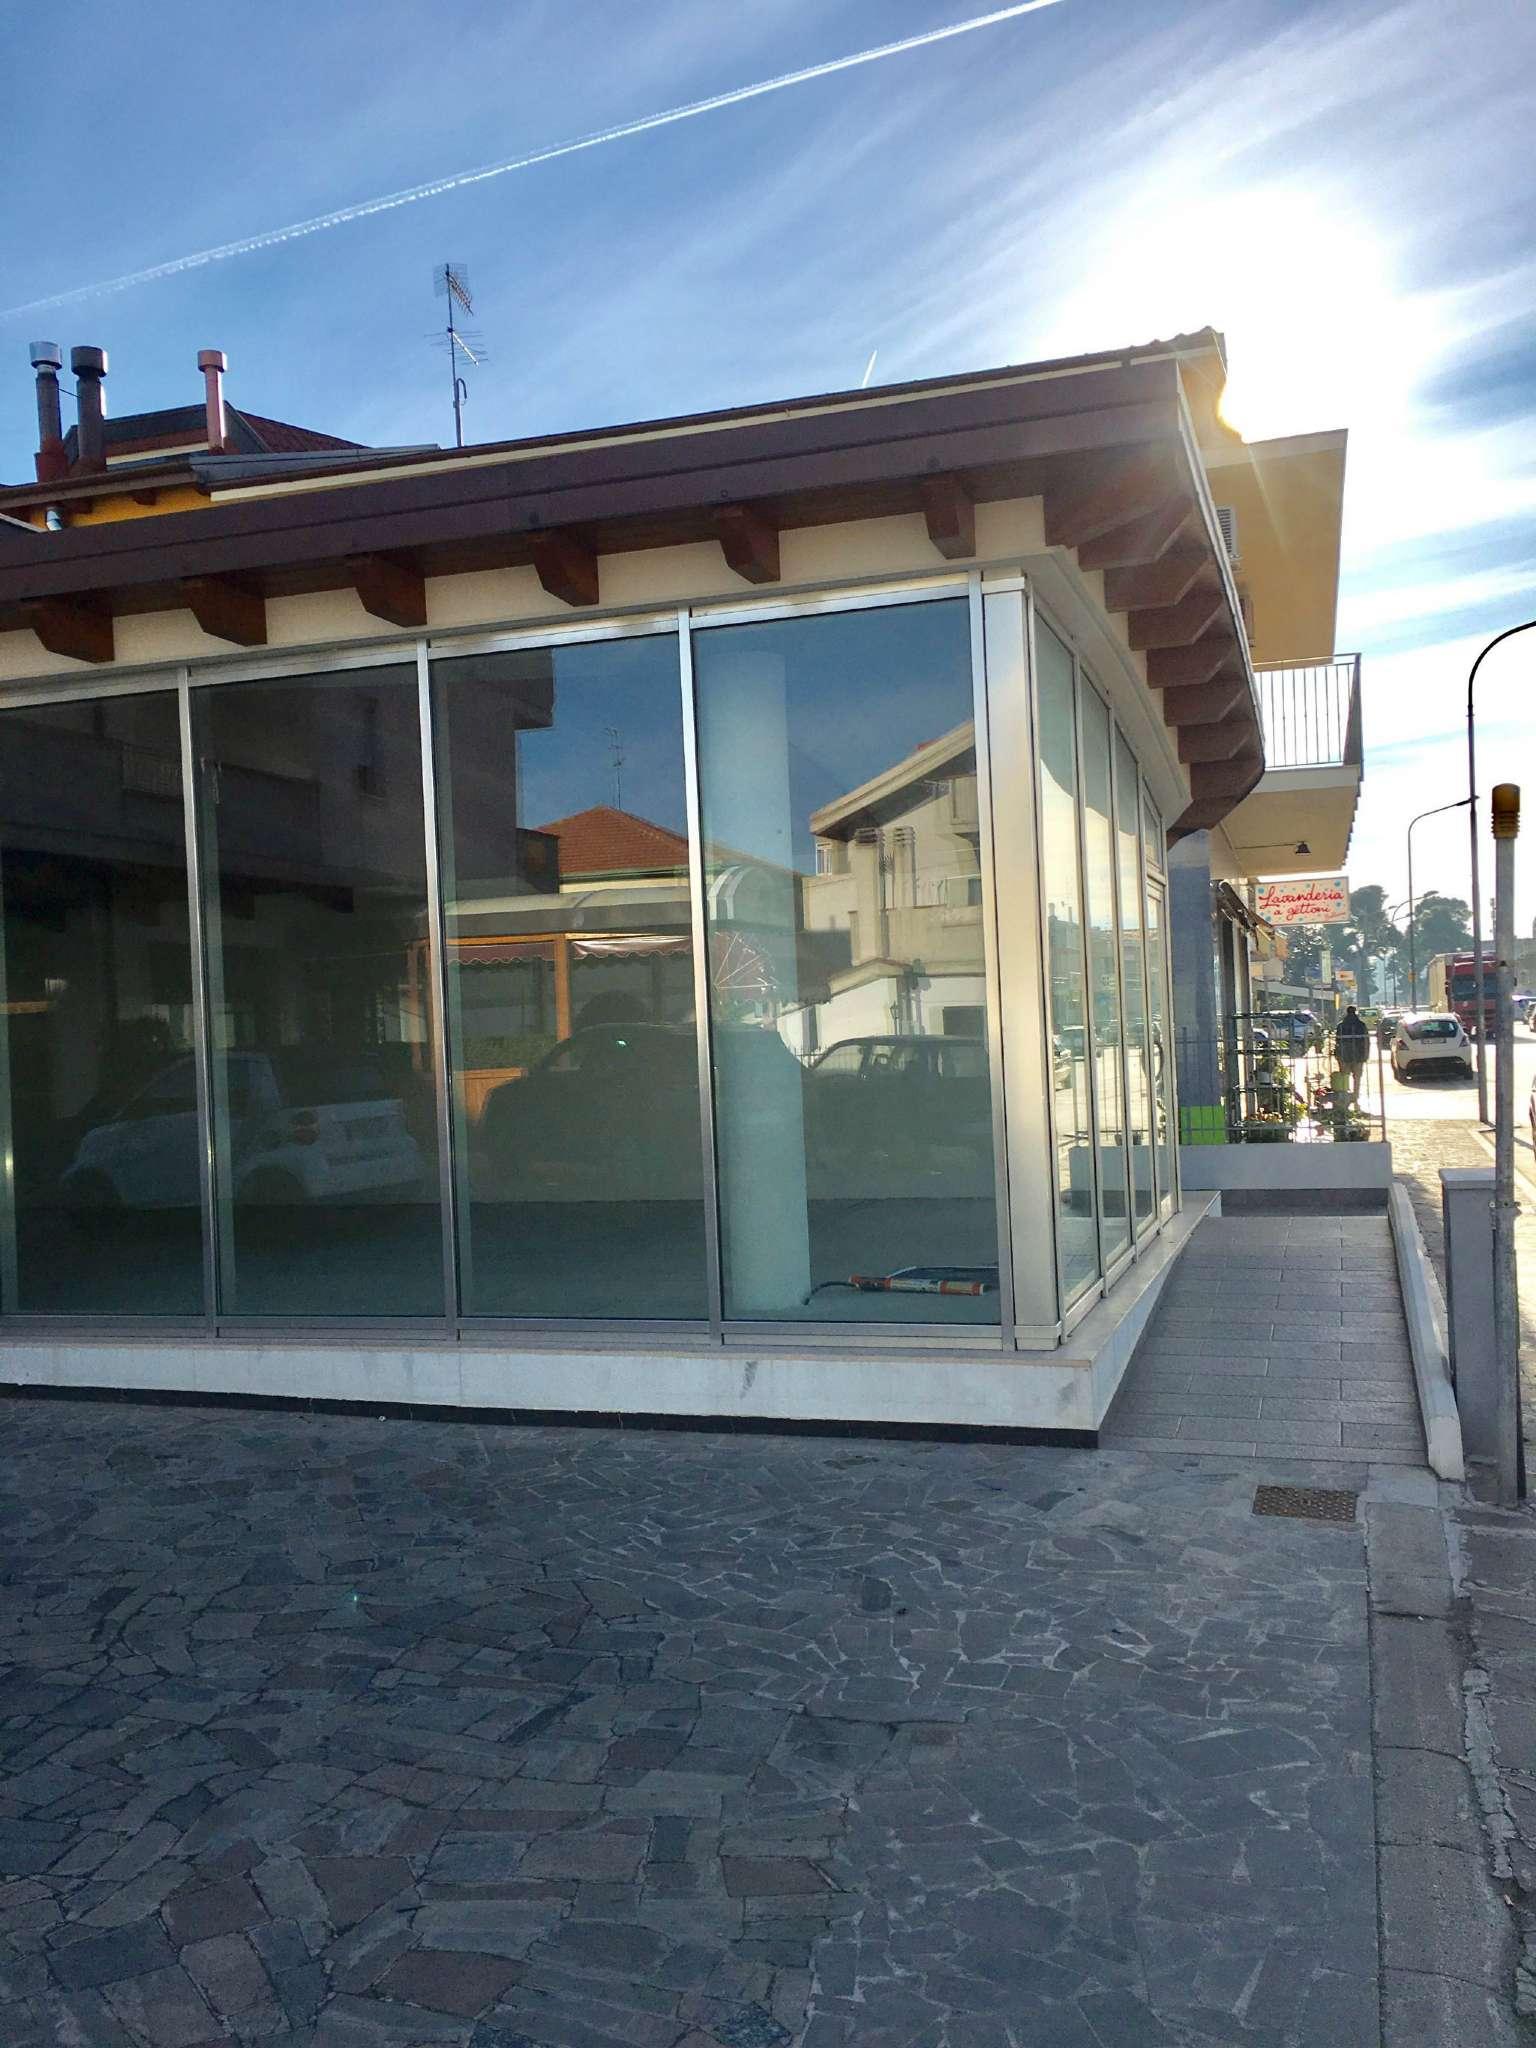 Negozio / Locale in affitto a Silvi, 1 locali, prezzo € 900 | CambioCasa.it